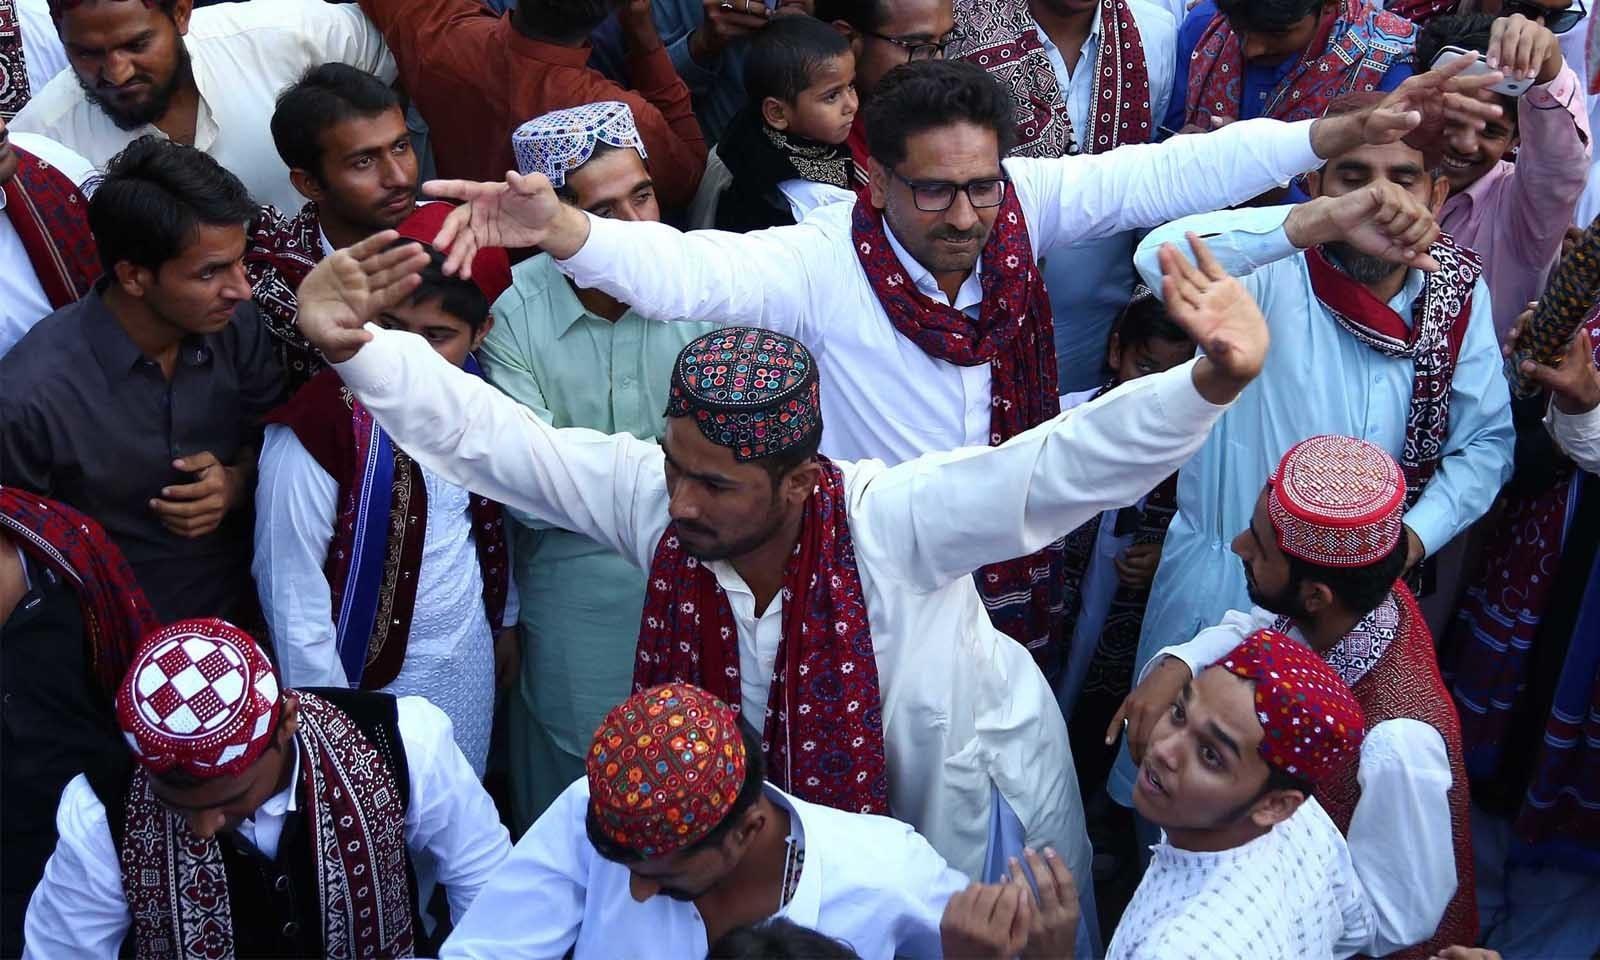 بزرگ ہوں یا نوجوان سب روایتی سندھی ملبوسات کے ساتھ سندھی لوک گیتوں کے مدھم سروں اور ڈھول کی تھاپ پر رقص کر رہے ہوتے ہیں—فوٹو: وقاص علی